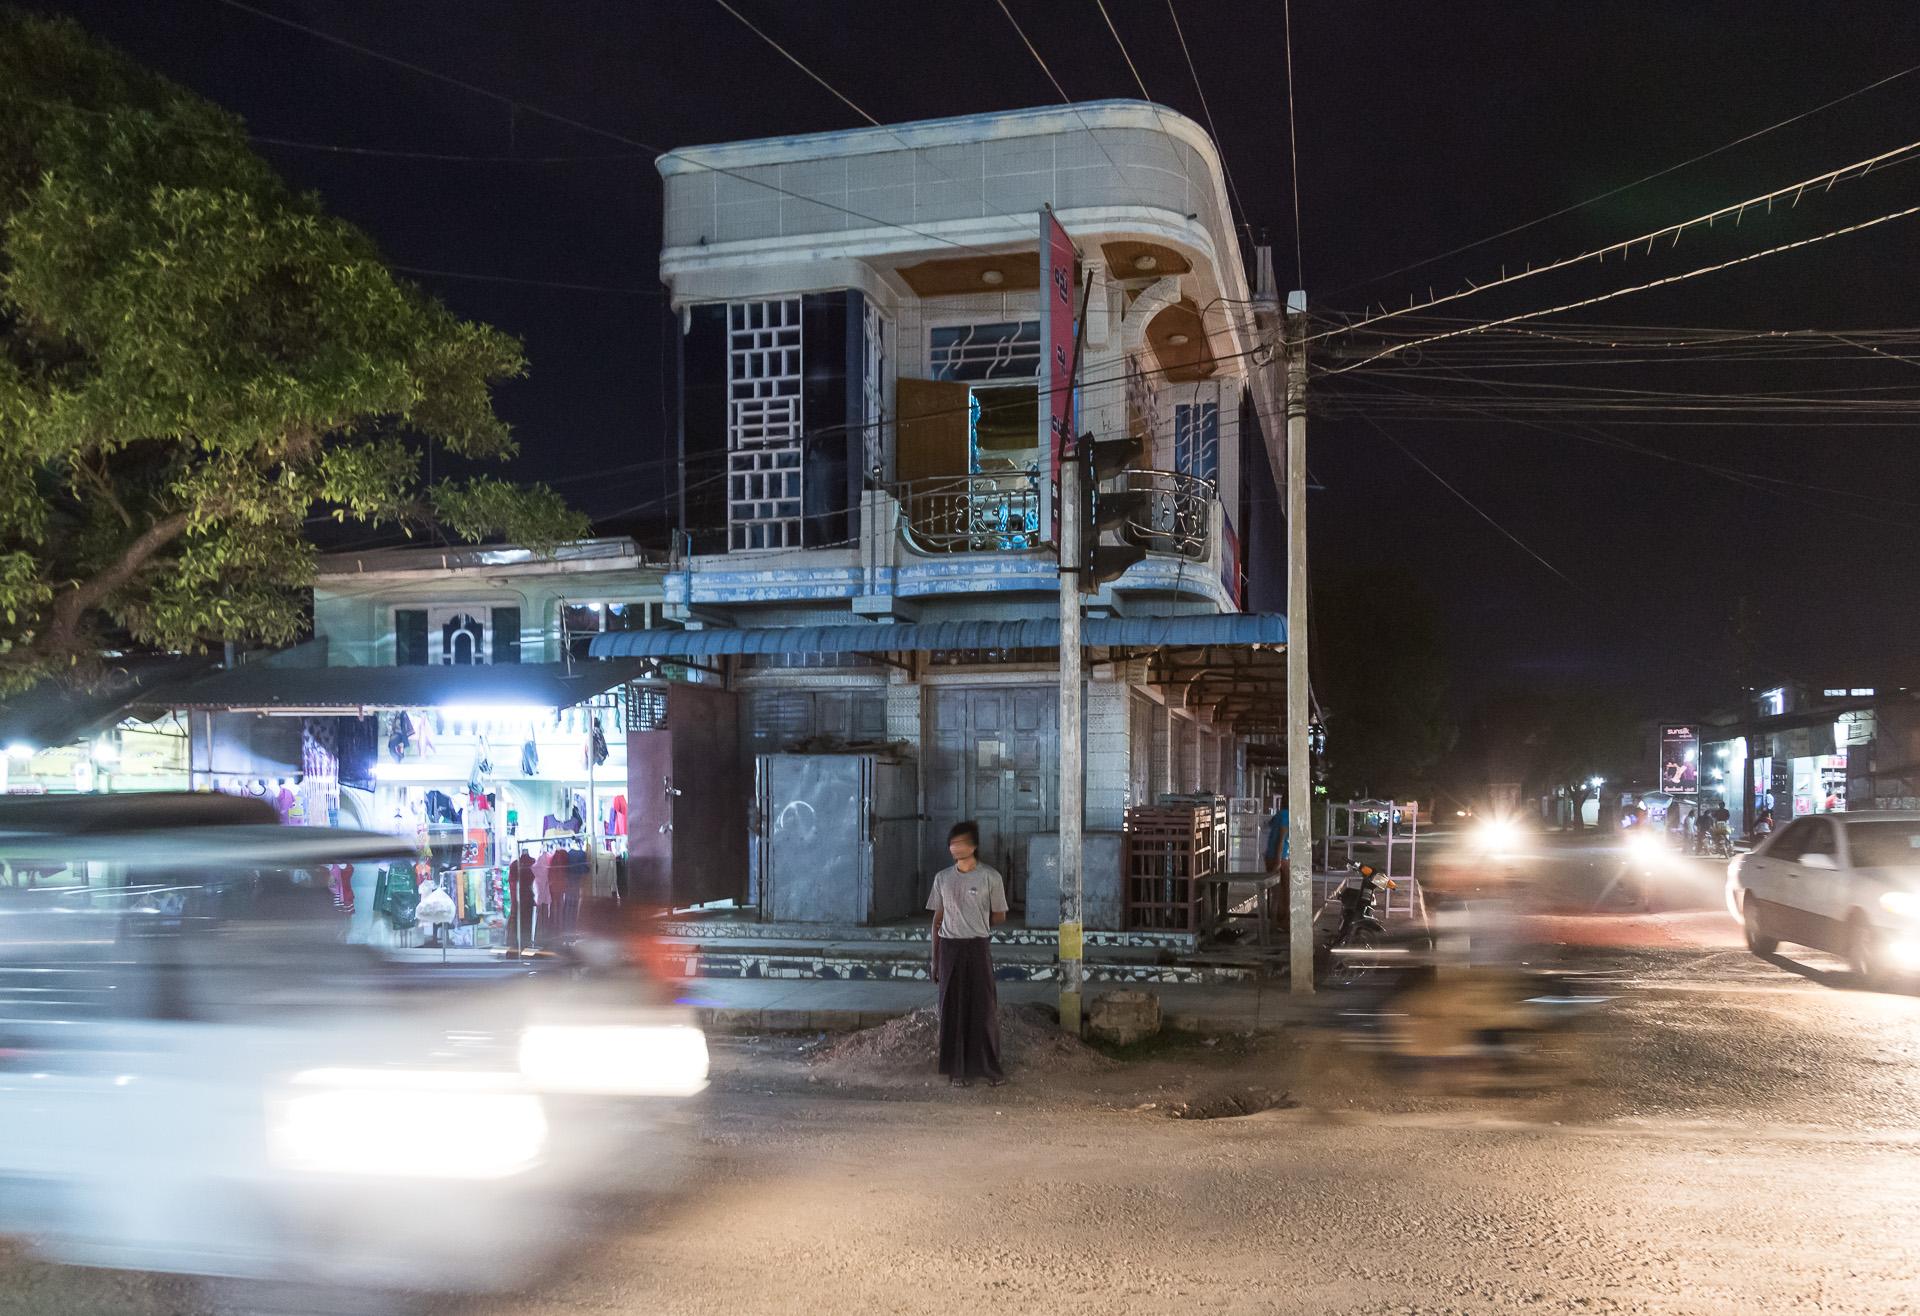 myanmar-reportage-wisckow-032.jpg